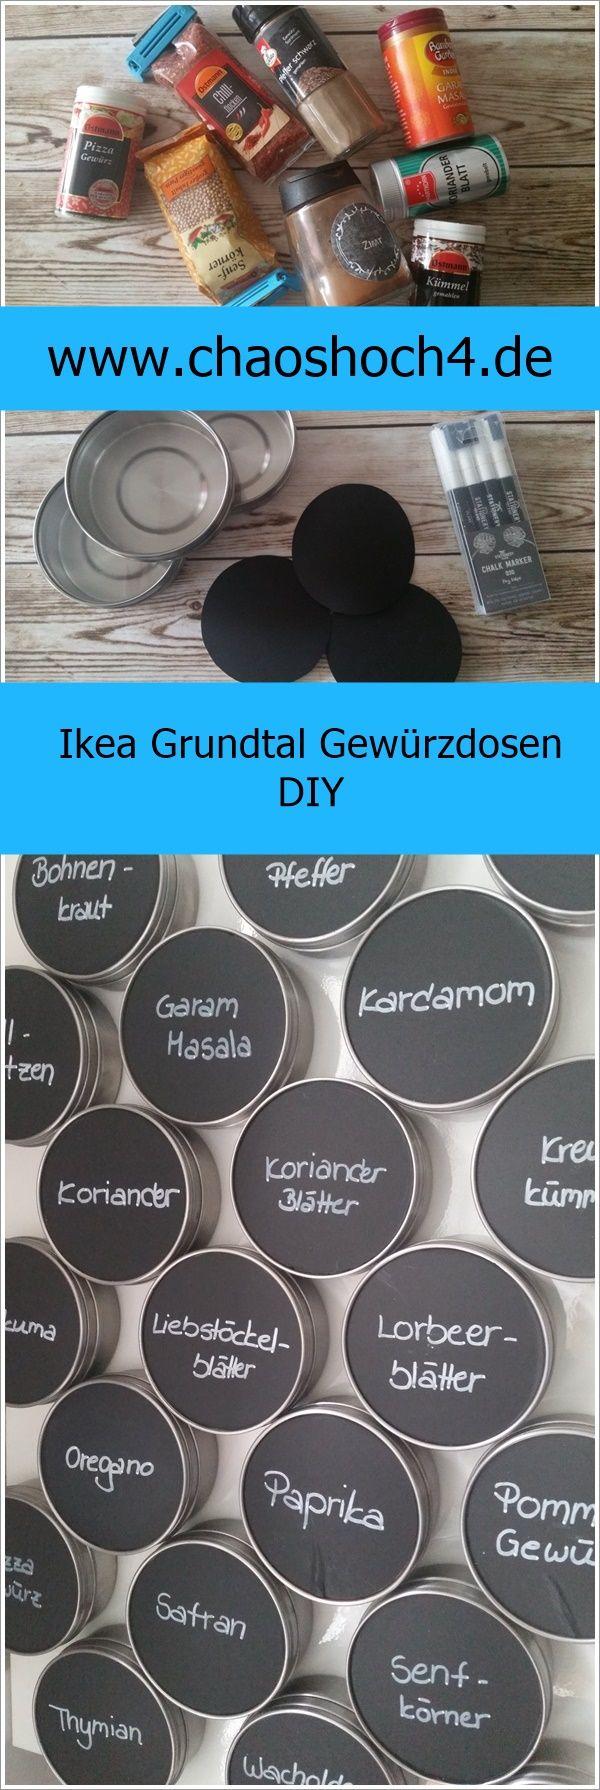 Ein Basteltipp / DIY Für Kleine Küchen Mit Ikea Grundtaldosen. Schluss Mit  Dem Gewürzdosen Chaos